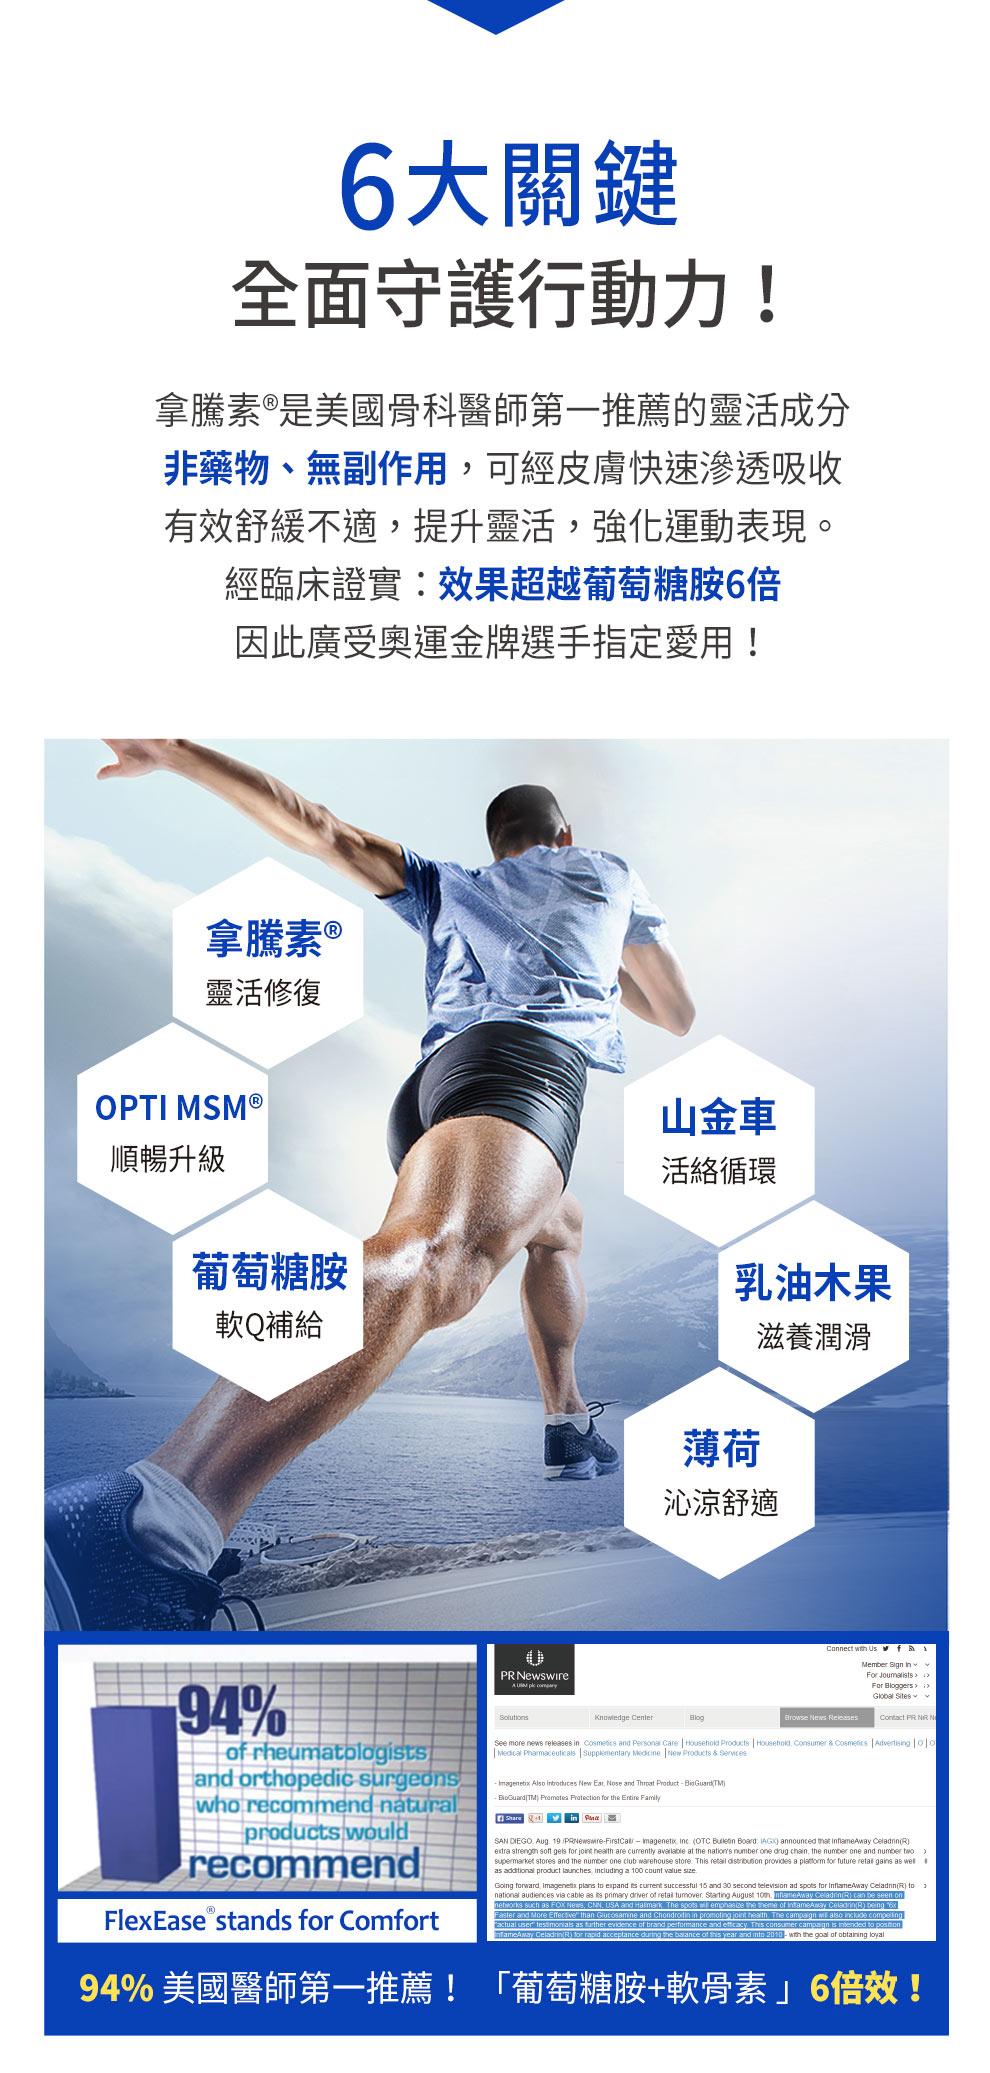 減少疼痛幫助修護關節磨損